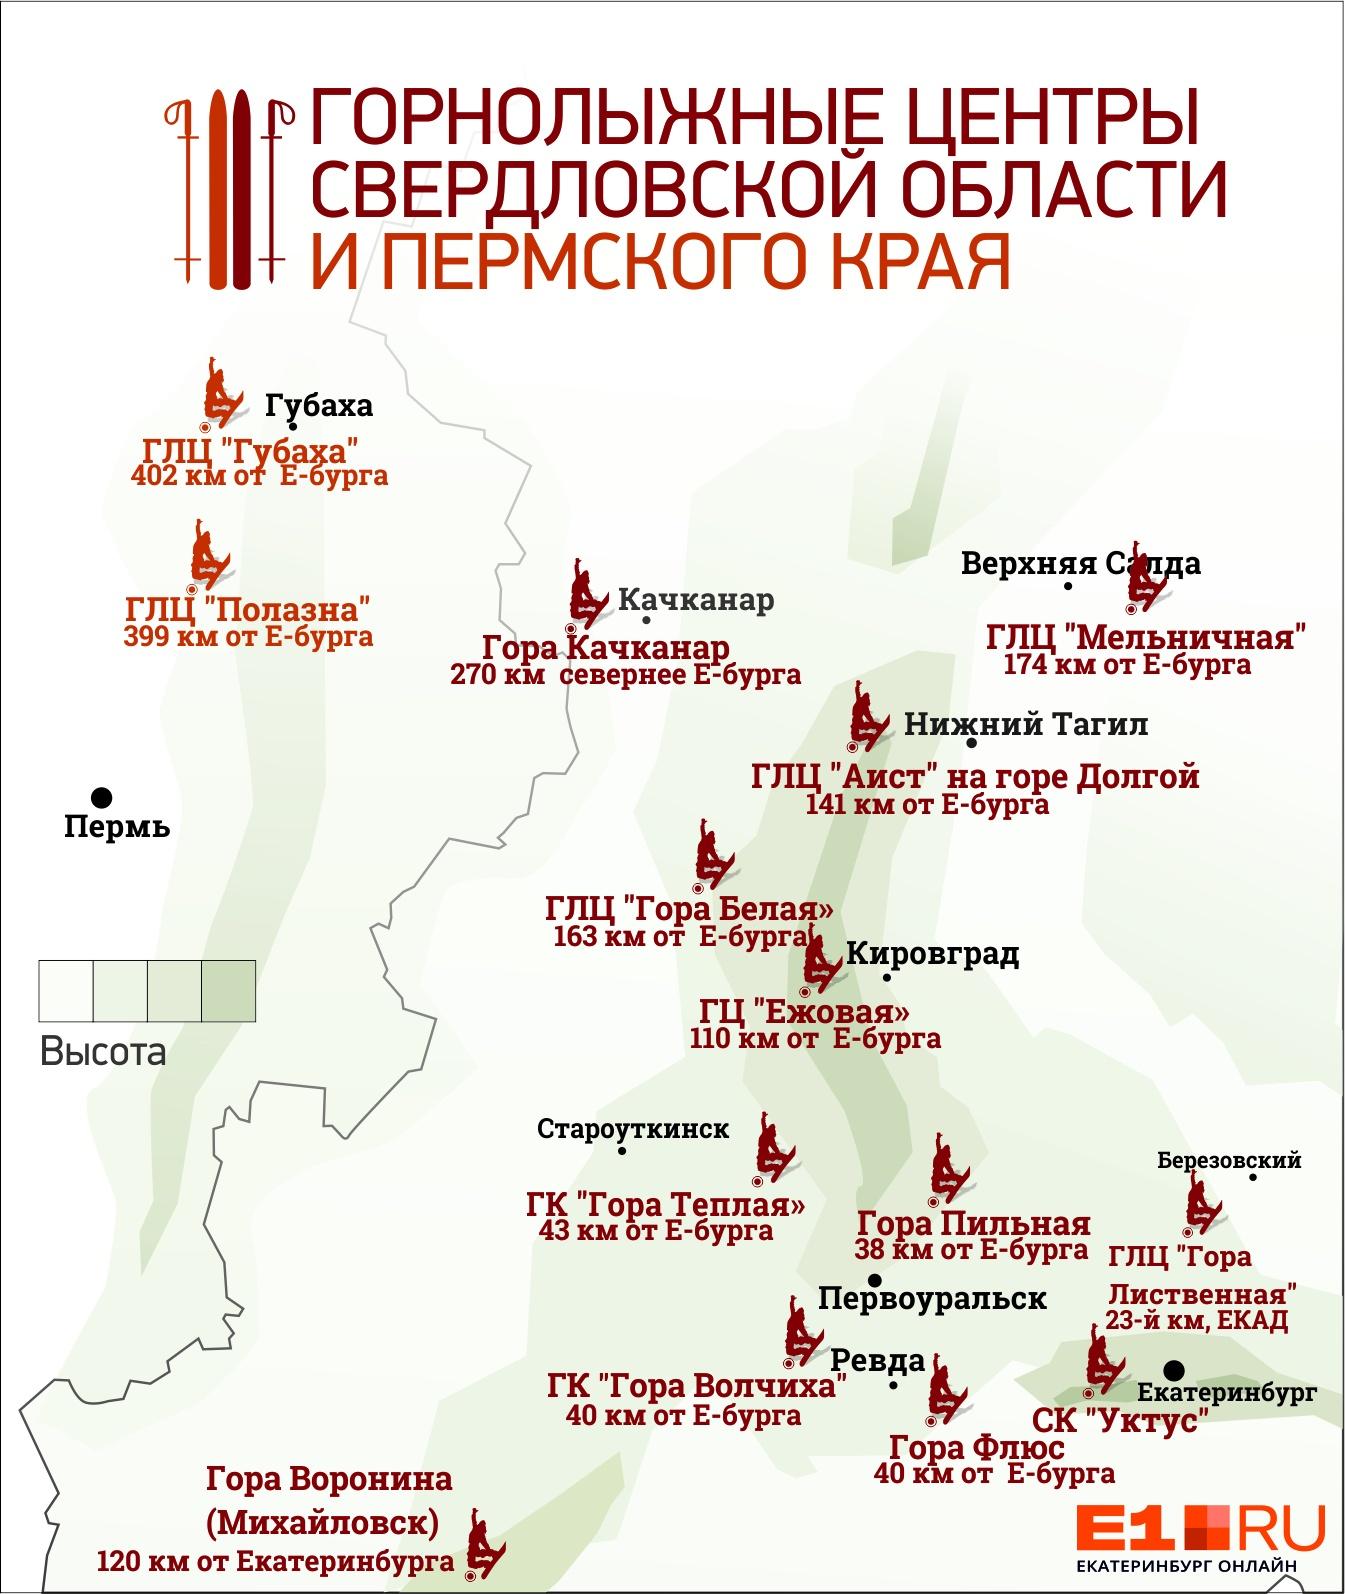 Сезон горнолыжек: где екатеринбуржцы могут кататься сегодня, а какие горы откроют не раньше декабря